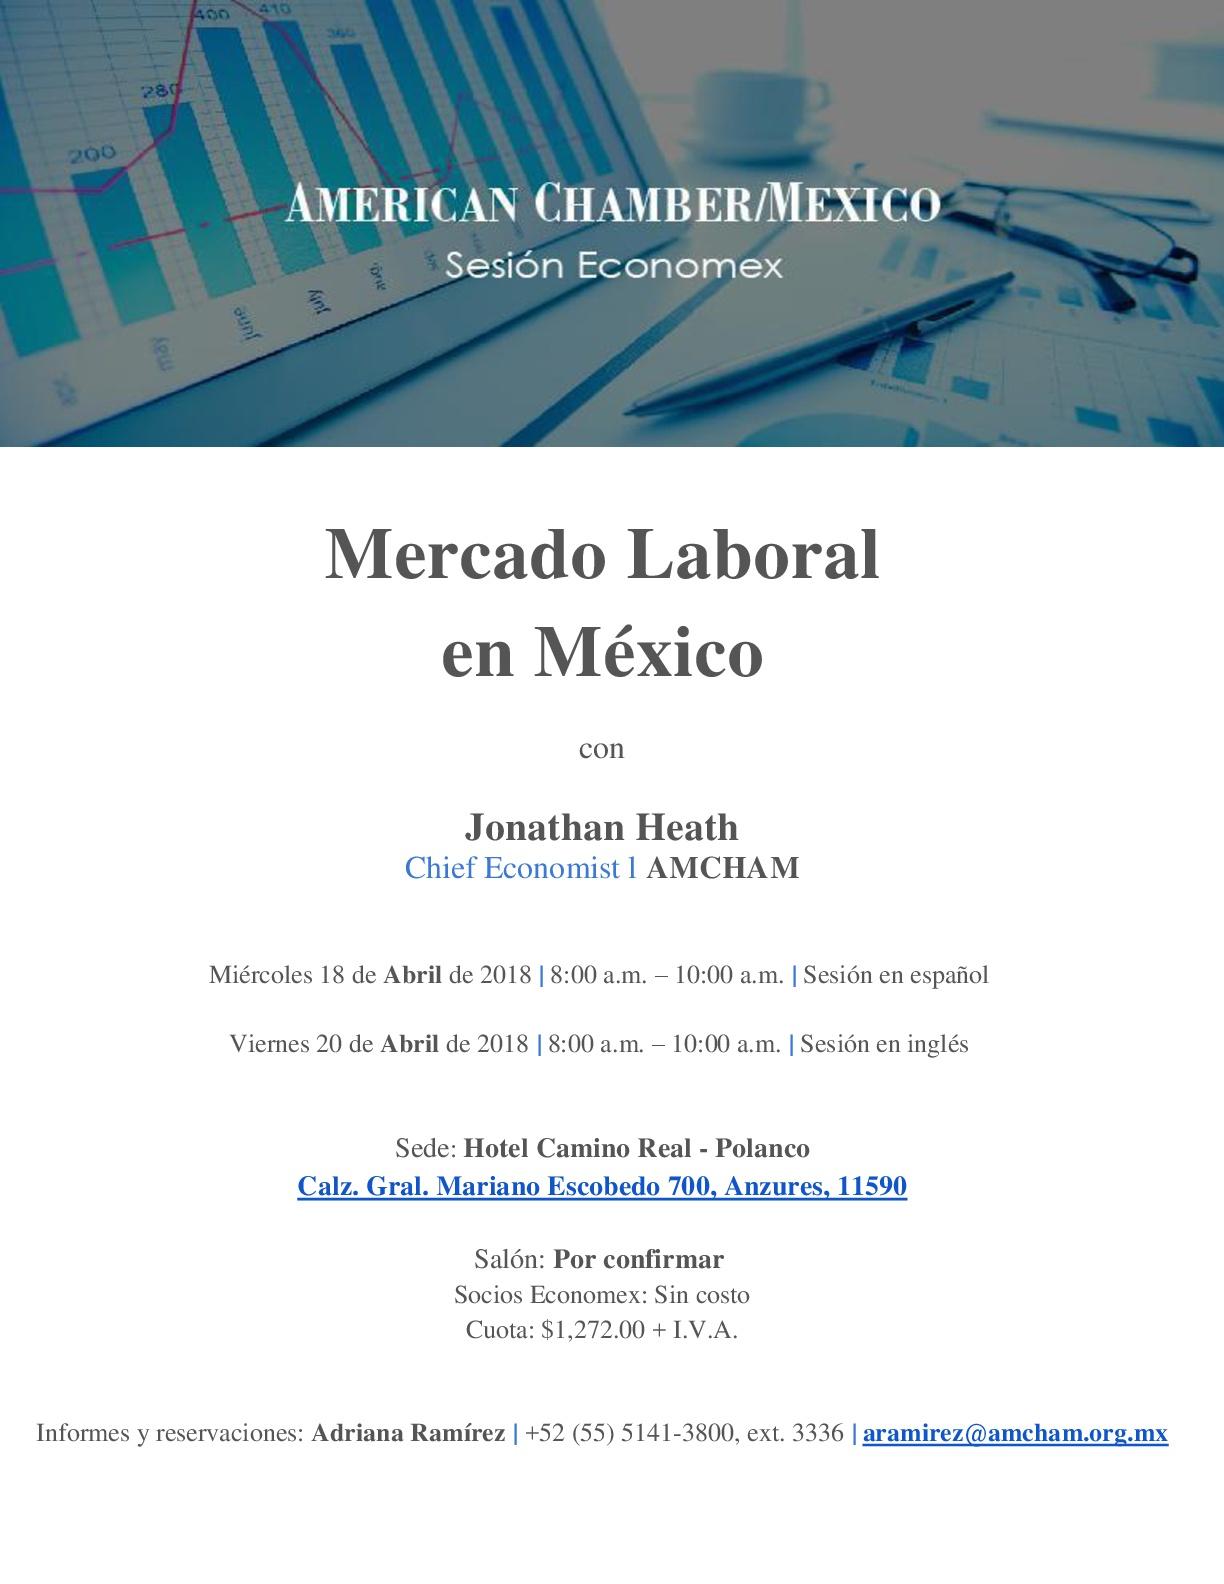 Sesión Economex Miércoles 18 de Abril Mercado Laboral en México